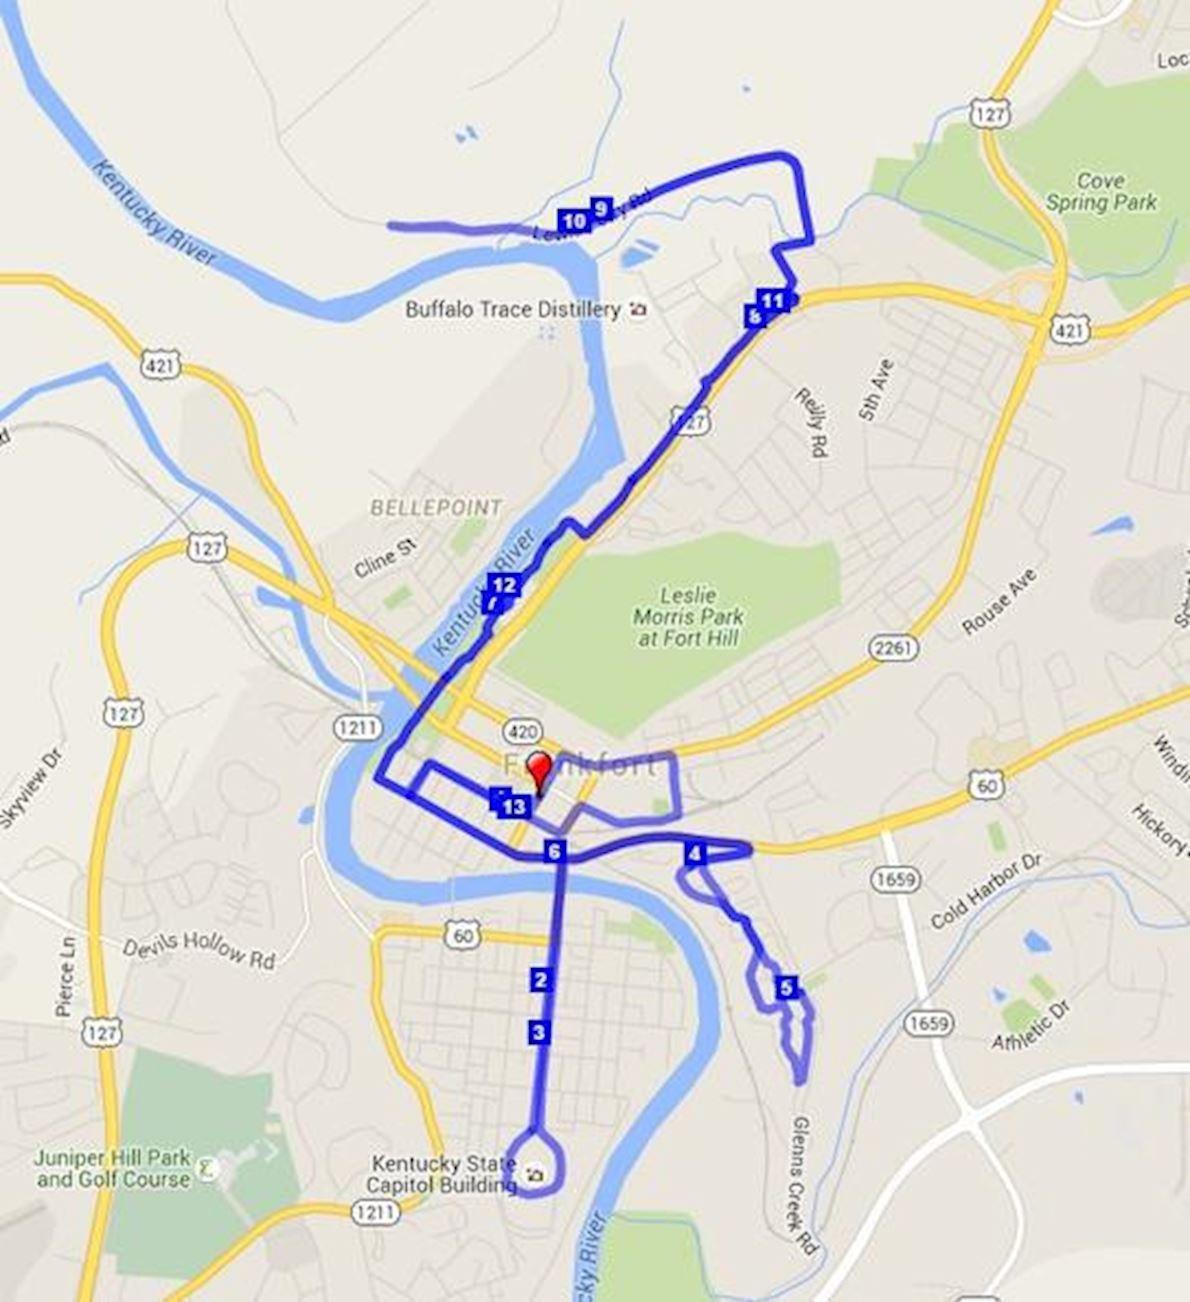 KY History Half Marathon, 10K, 5K and 1 Mile Fun Run MAPA DEL RECORRIDO DE